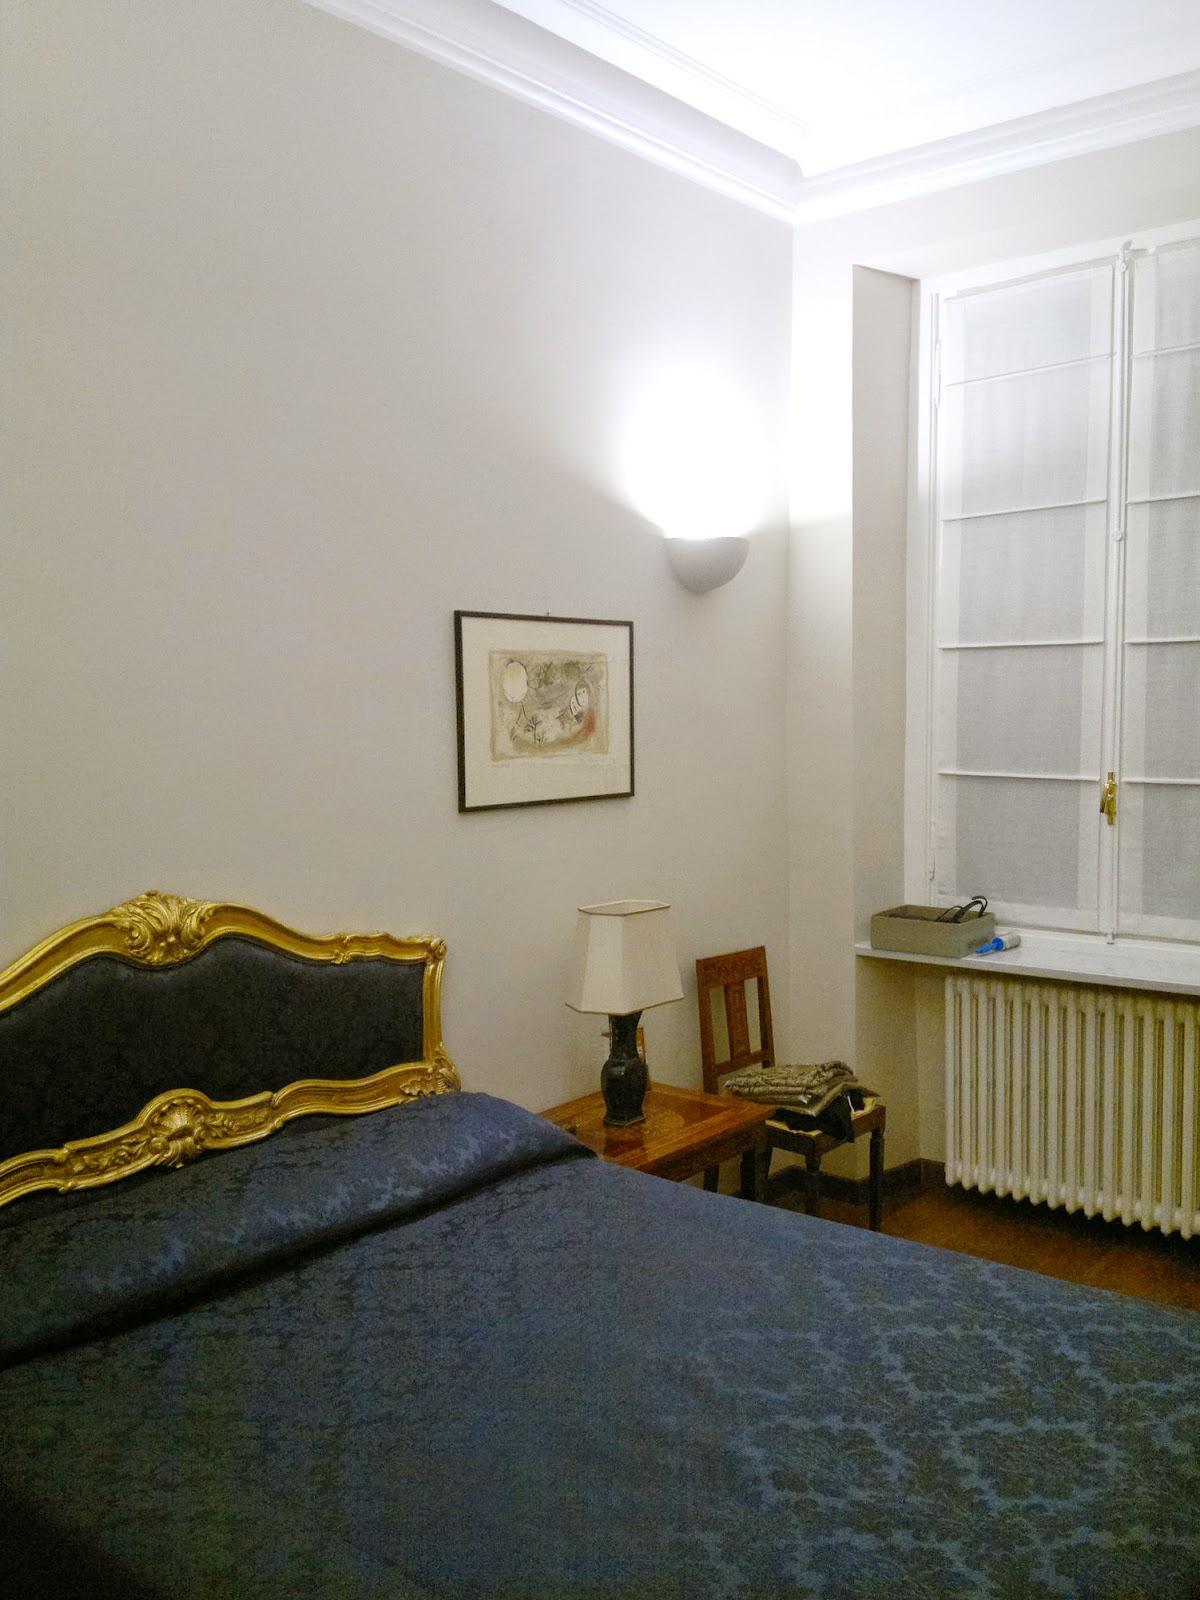 Illuminazione salotto applique: lampade a parete ed soffitto in ...